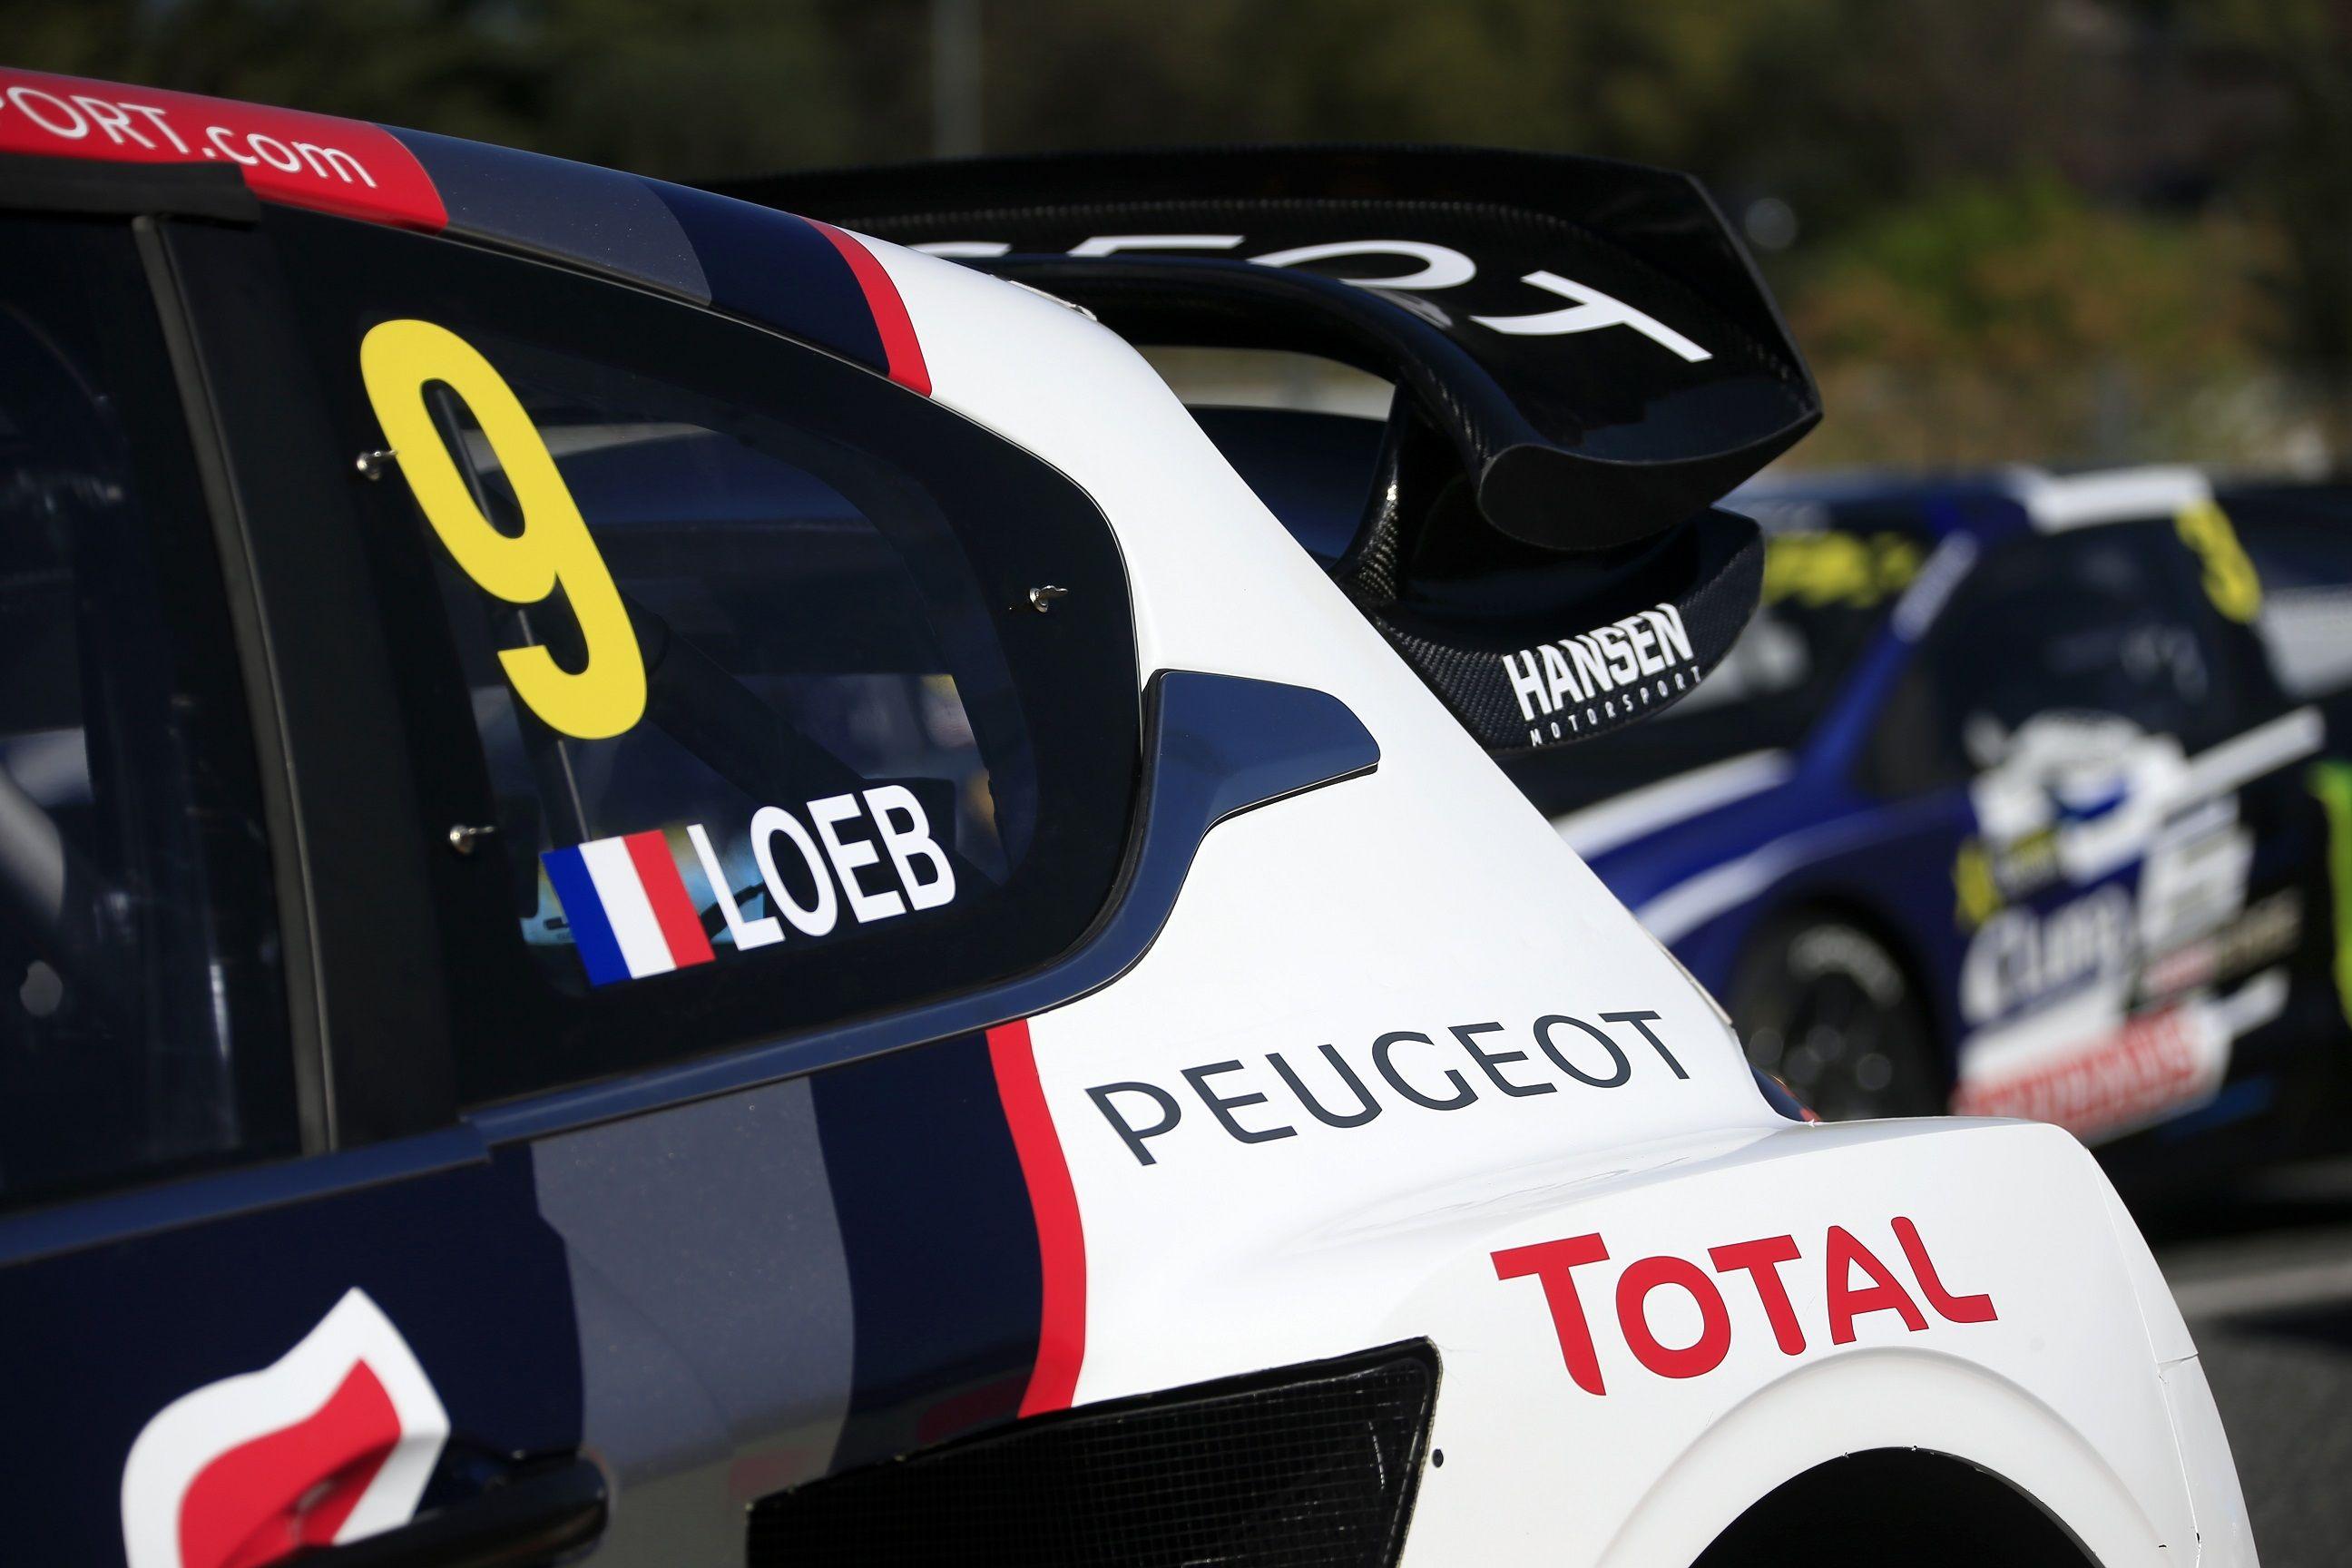 Todo lo que tienes que saber del Rallycross, el nuevo reto de PEUGEOT